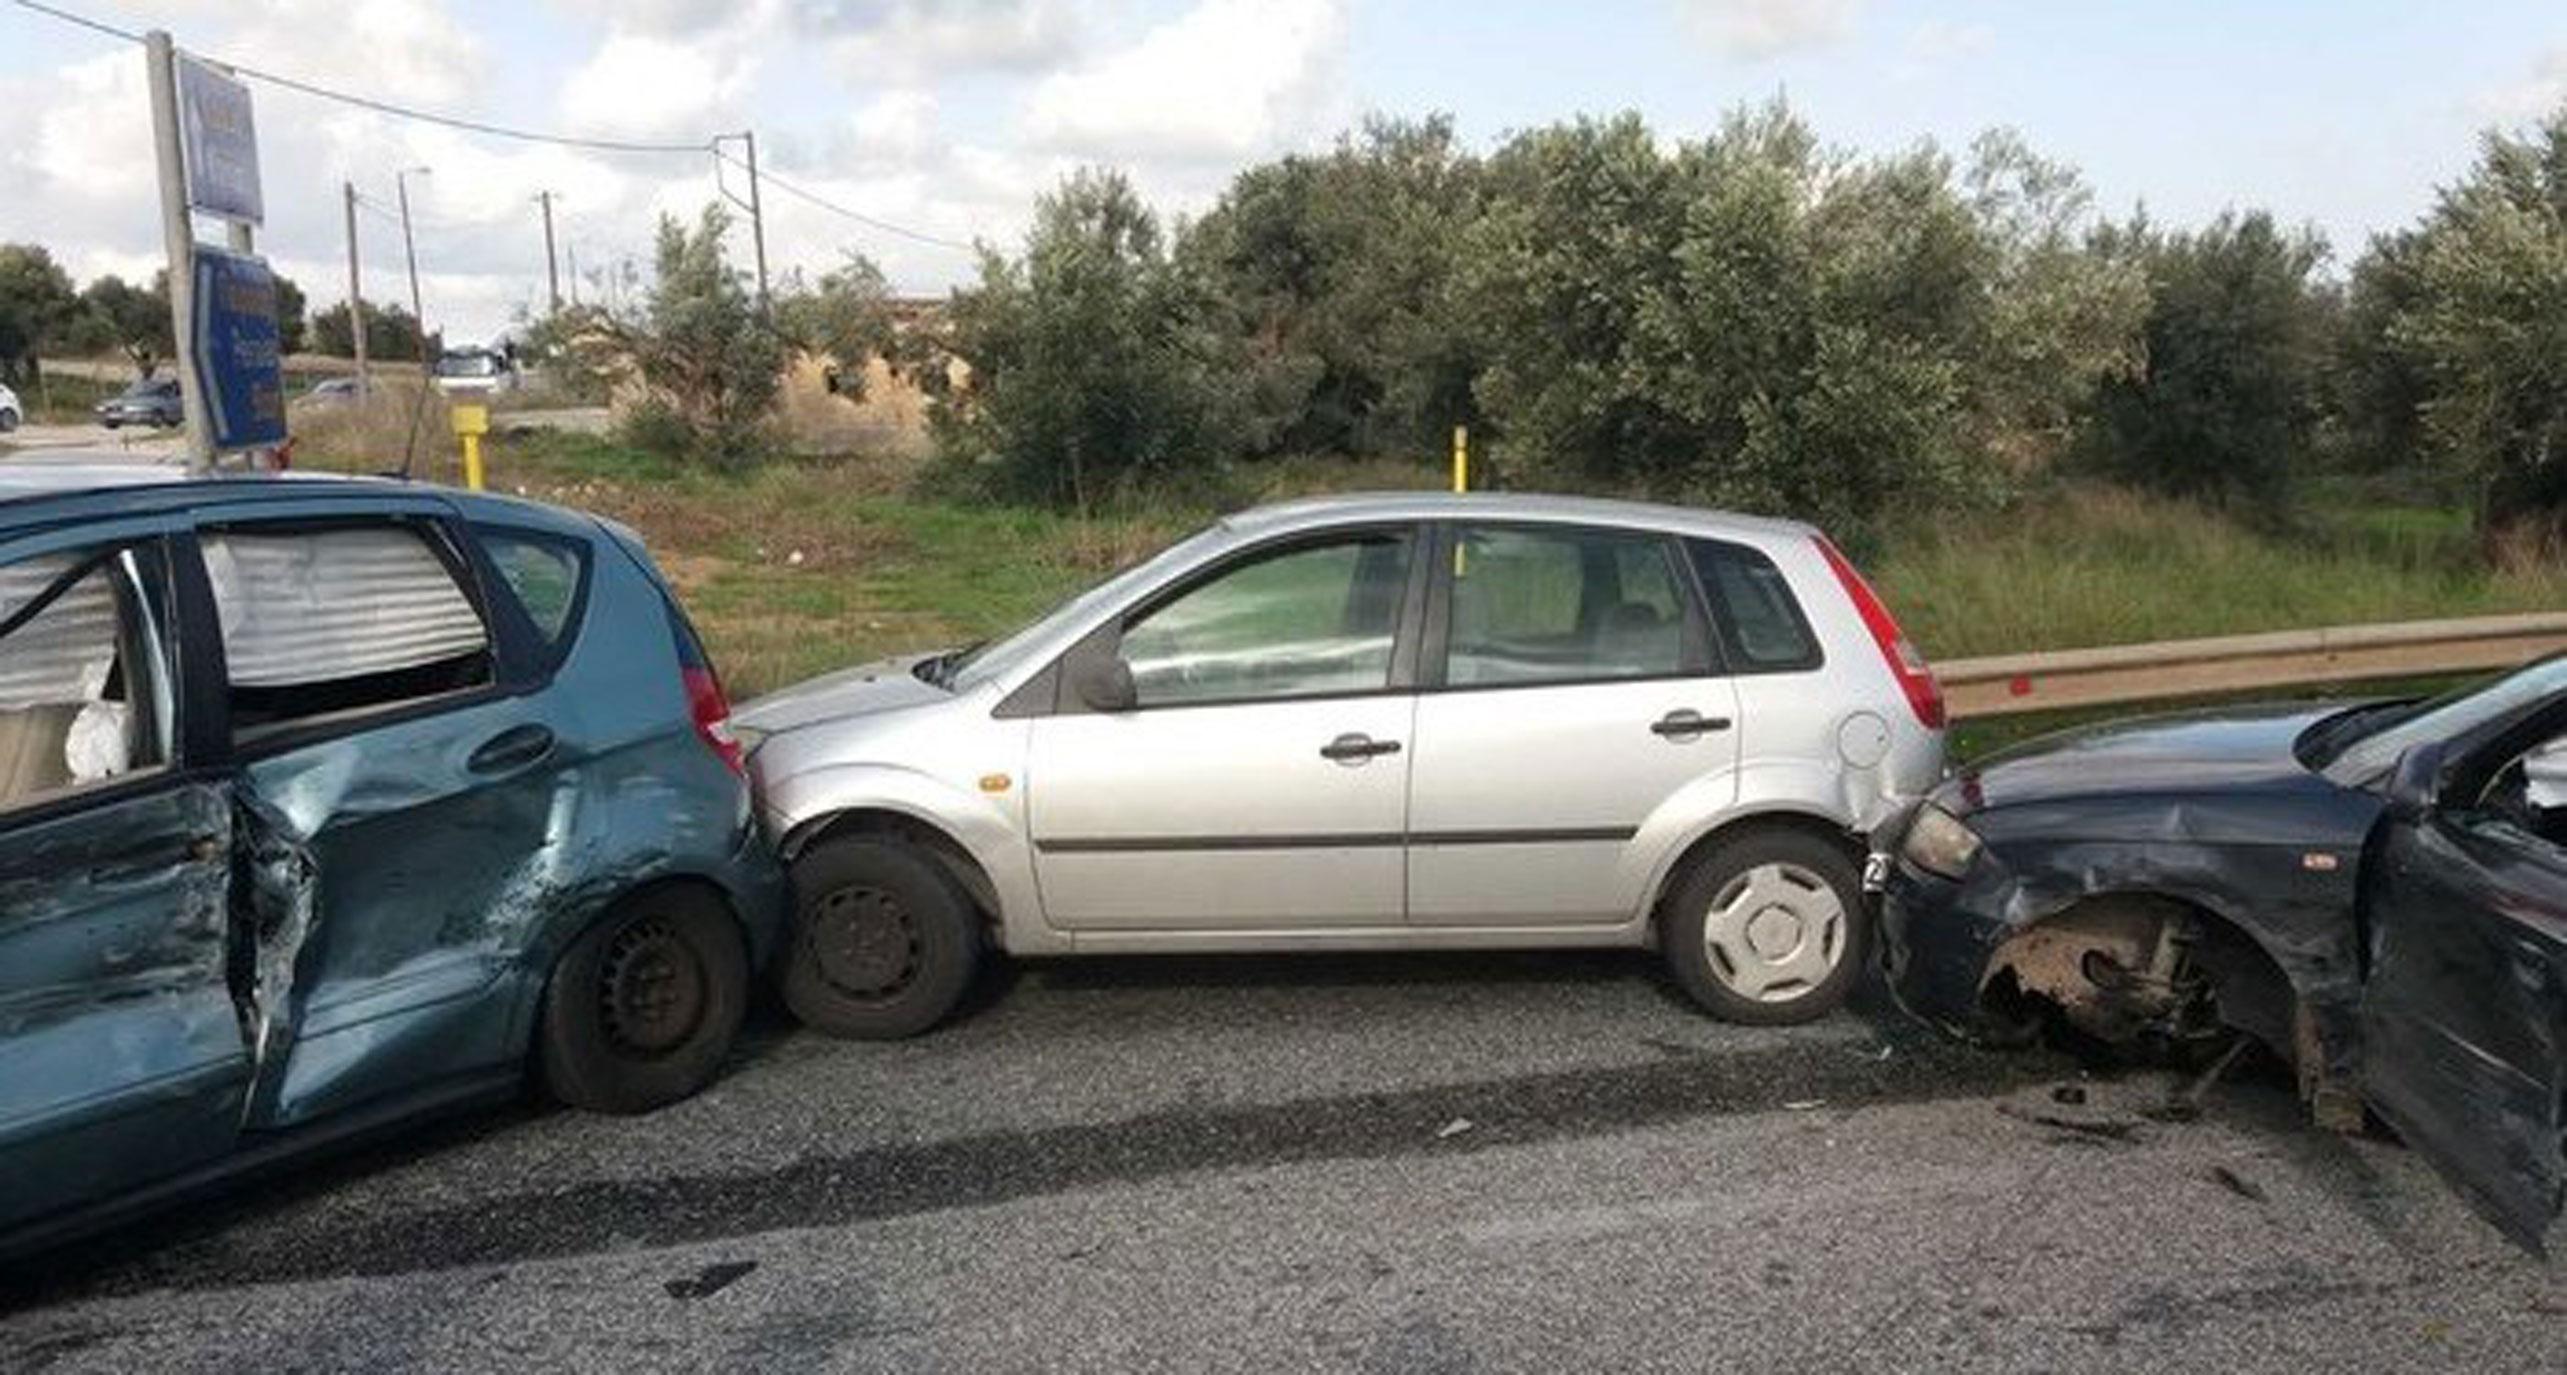 Θεσσαλονίκη: Σοβαρά κυκλοφοριακά προβλήματα στην Περιφερειακή από καραμπόλα 4 αυτοκινήτων